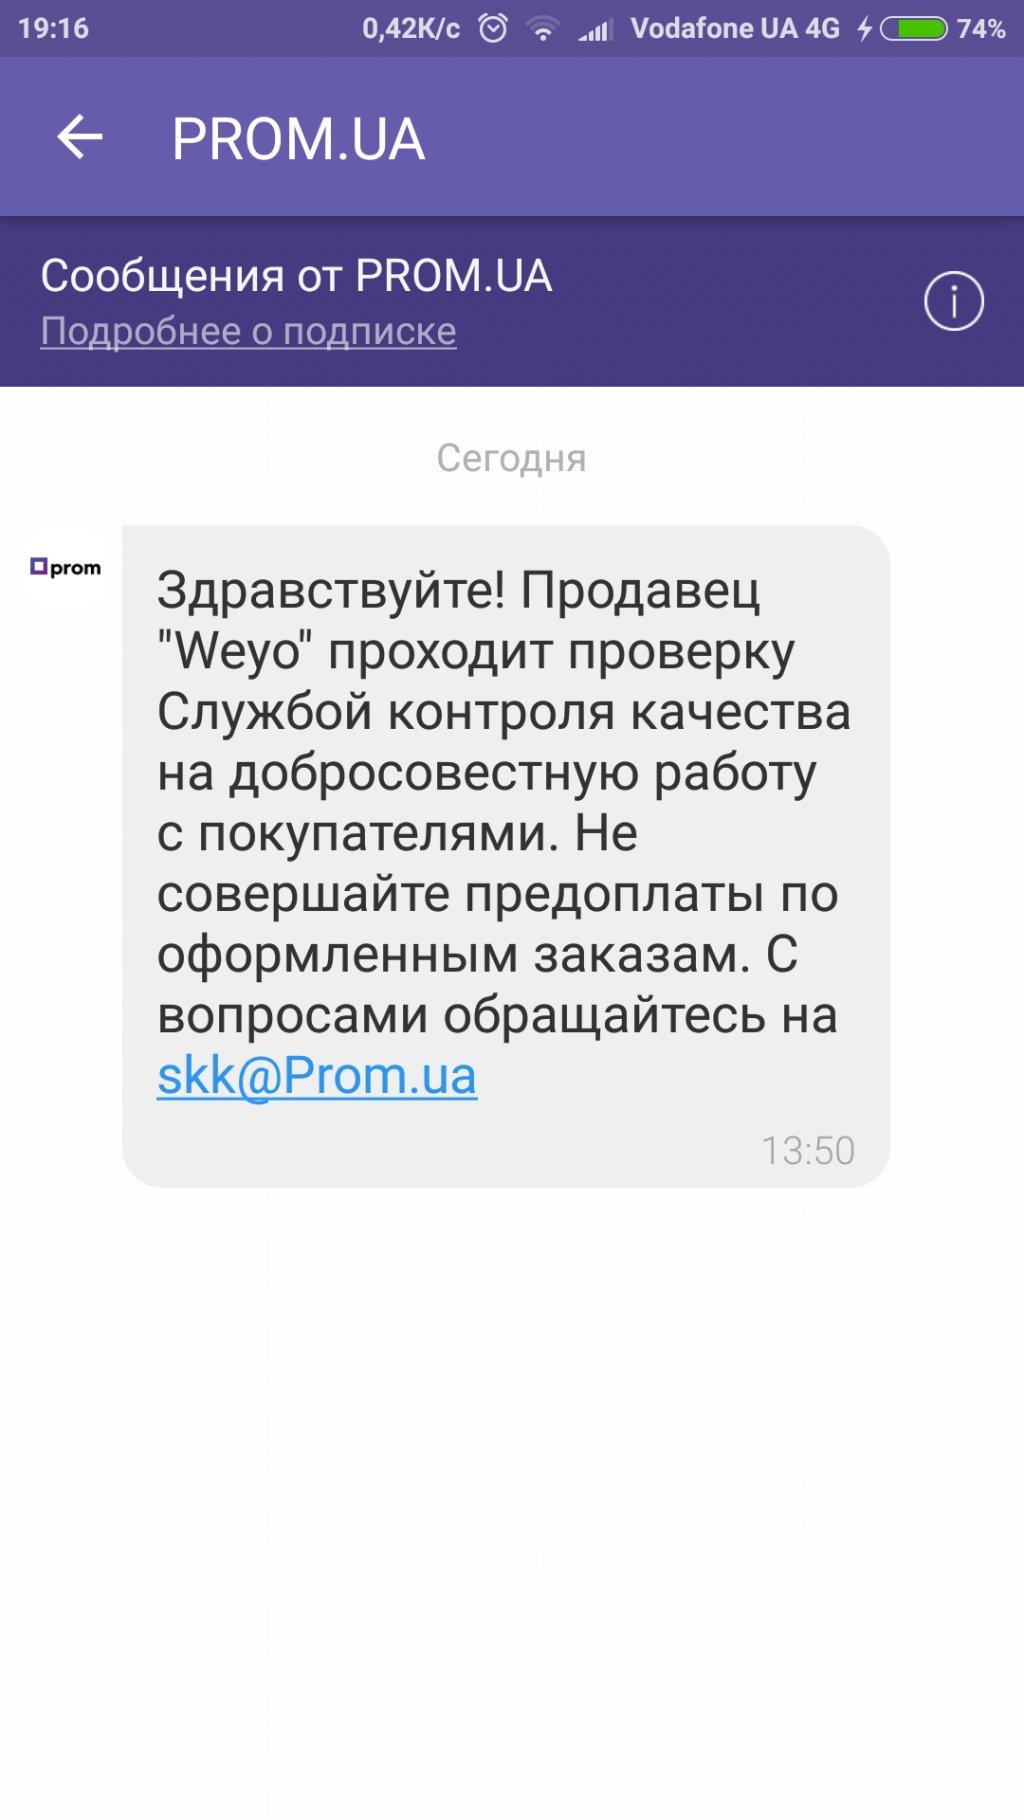 Prom.ua - Мошенничество